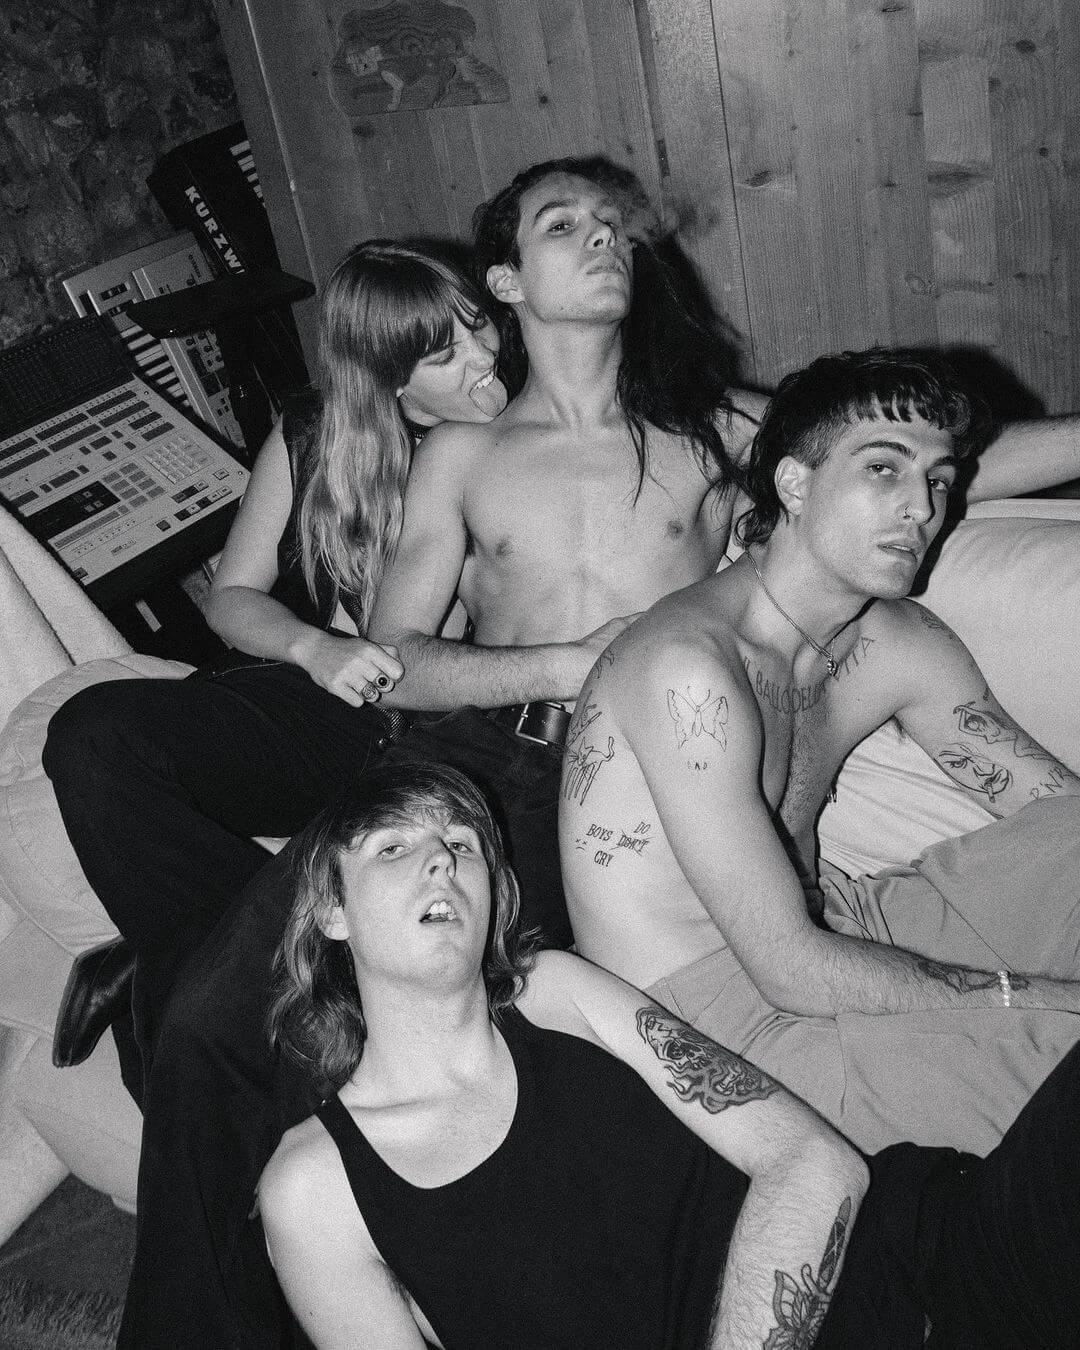 MOR.BO RIOT: Måneskin, la banda italiana que quiere traer al rock y la androginia de vuelta